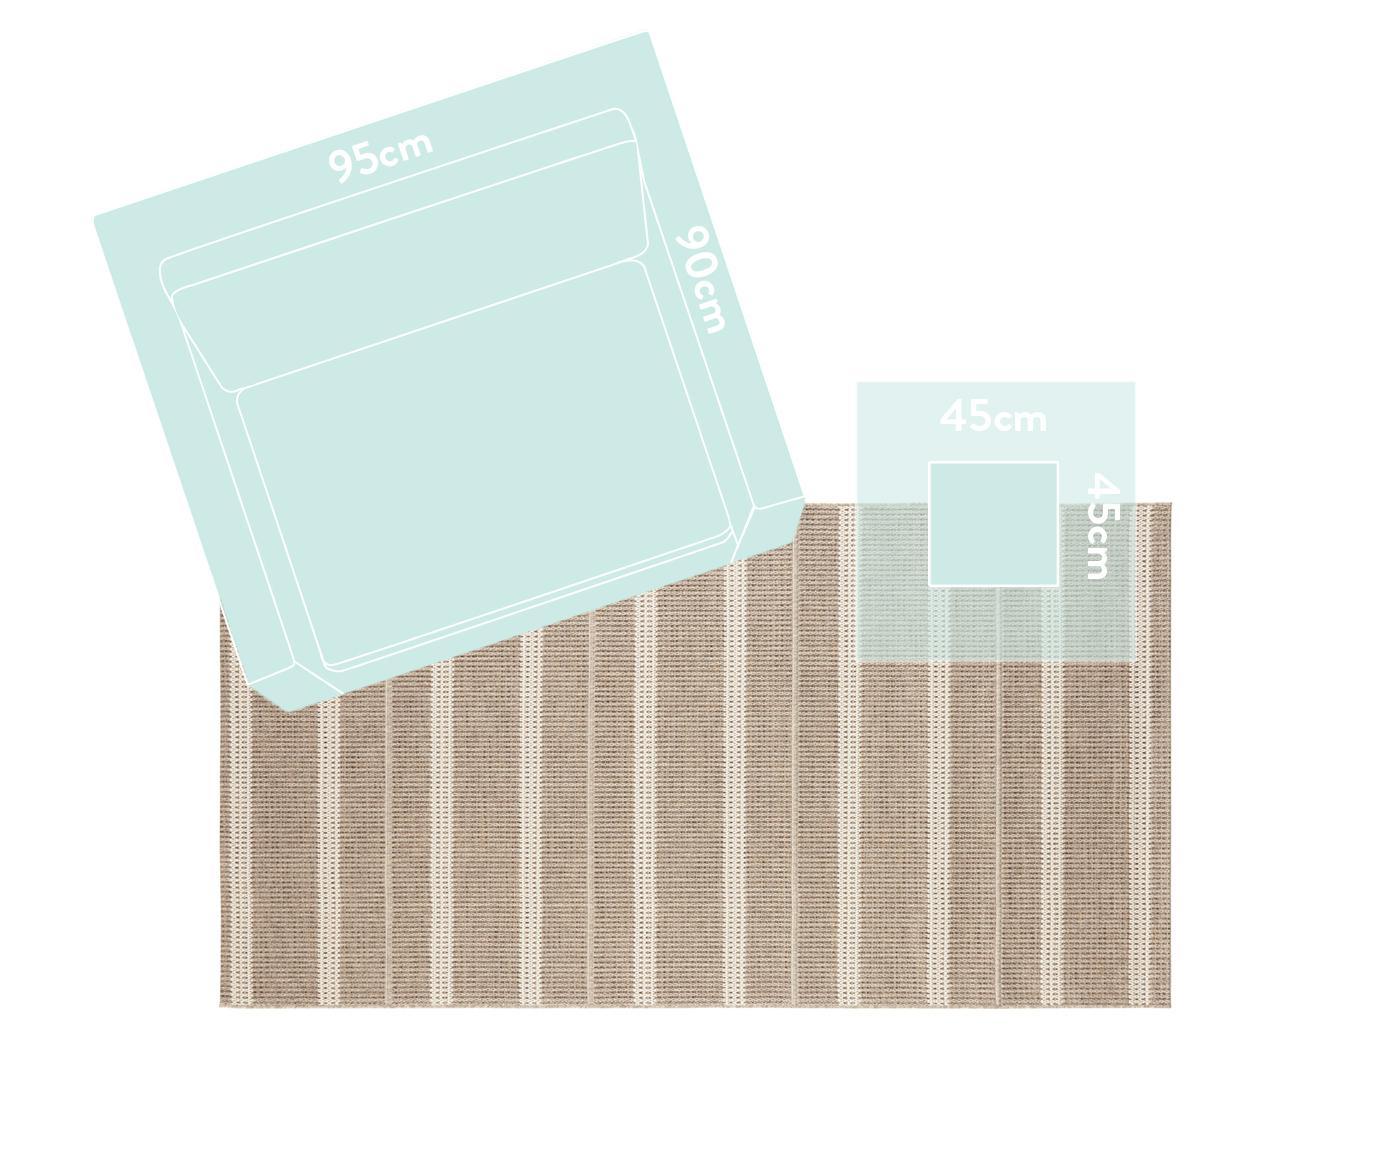 Tappeto reversibile da interno-esterno Laon, 100% polipropilene, Marrone, beige, Larg. 200 x Lung. 290 cm (taglia L)